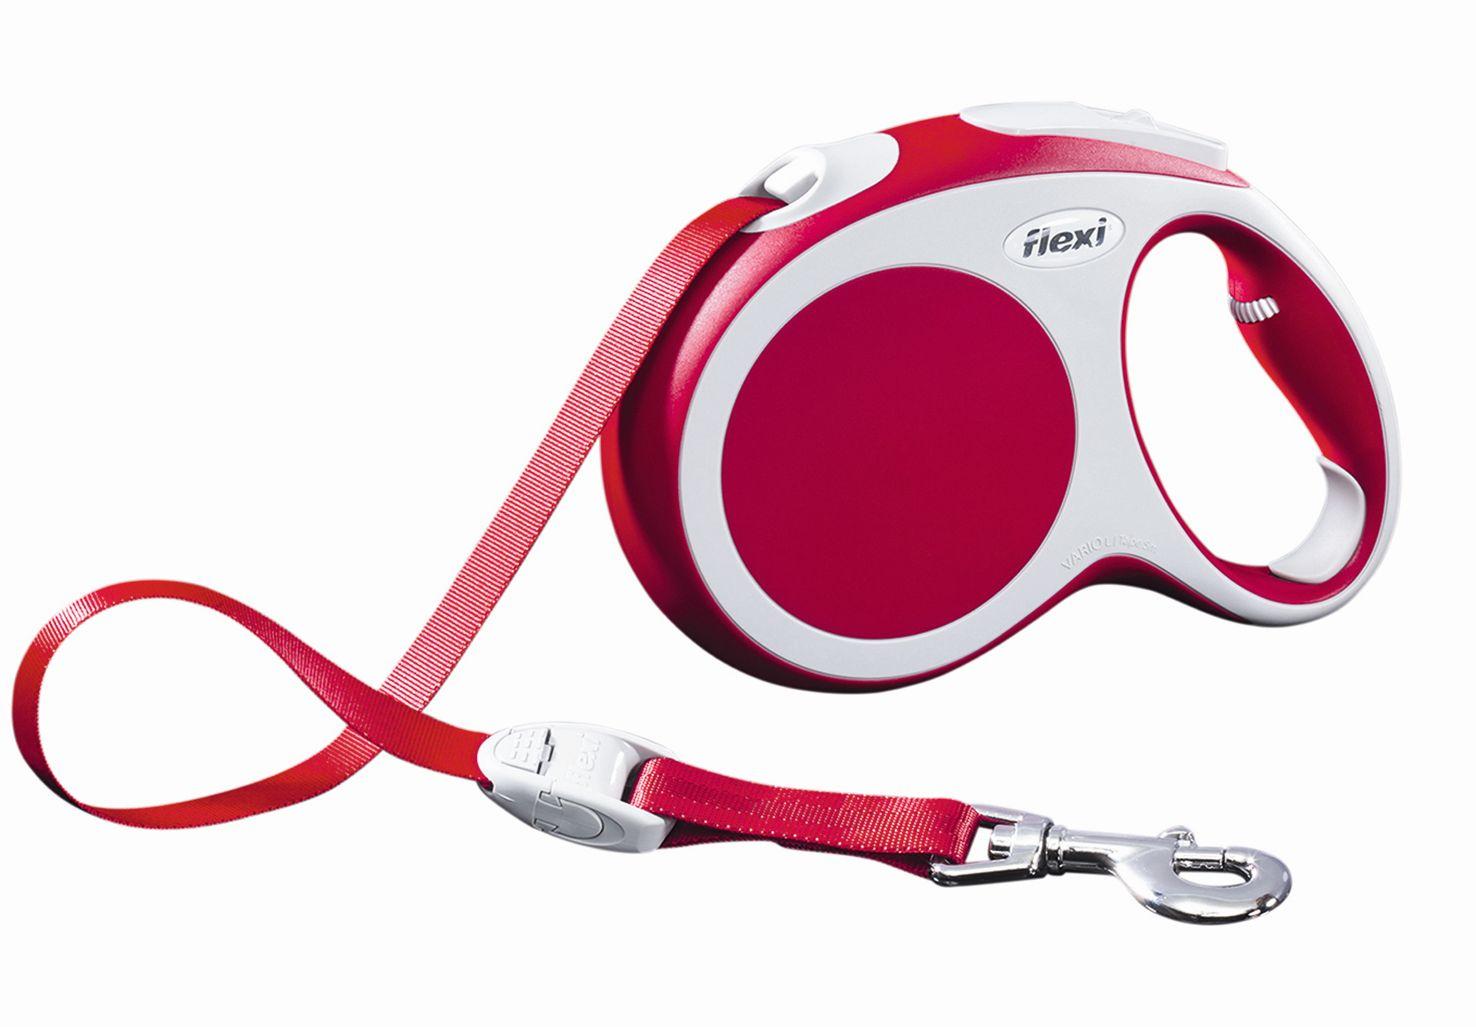 Поводок-рулетка Flexi Vario Compact L для собак до 60 кг, цвет: красный, 5 м020111Поводок-рулетка Flexi Vario Compact L изготовлен из пластика и нейлона. Подходит для собак весом до 60 кг. Ленточный поводок обеспечивает каждой собаке свободу движения, что идет на пользу здоровью и радует вашего четвероногого друга. Рулетка очень проста в использовании. Она оснащена кнопками кратковременной и постоянной фиксации. Ее можно оснастить мультибоксом для лакомств или пакетиков для сбора фекалий, LED подсветкой корпуса, своркой или ремнем с LED подсветкой. Поводок имеет прочный корпус, хромированную застежку и светоотражающие элементы. Длина поводка: 5 м. Максимальная нагрузка: 60 кг. Товар сертифицирован.